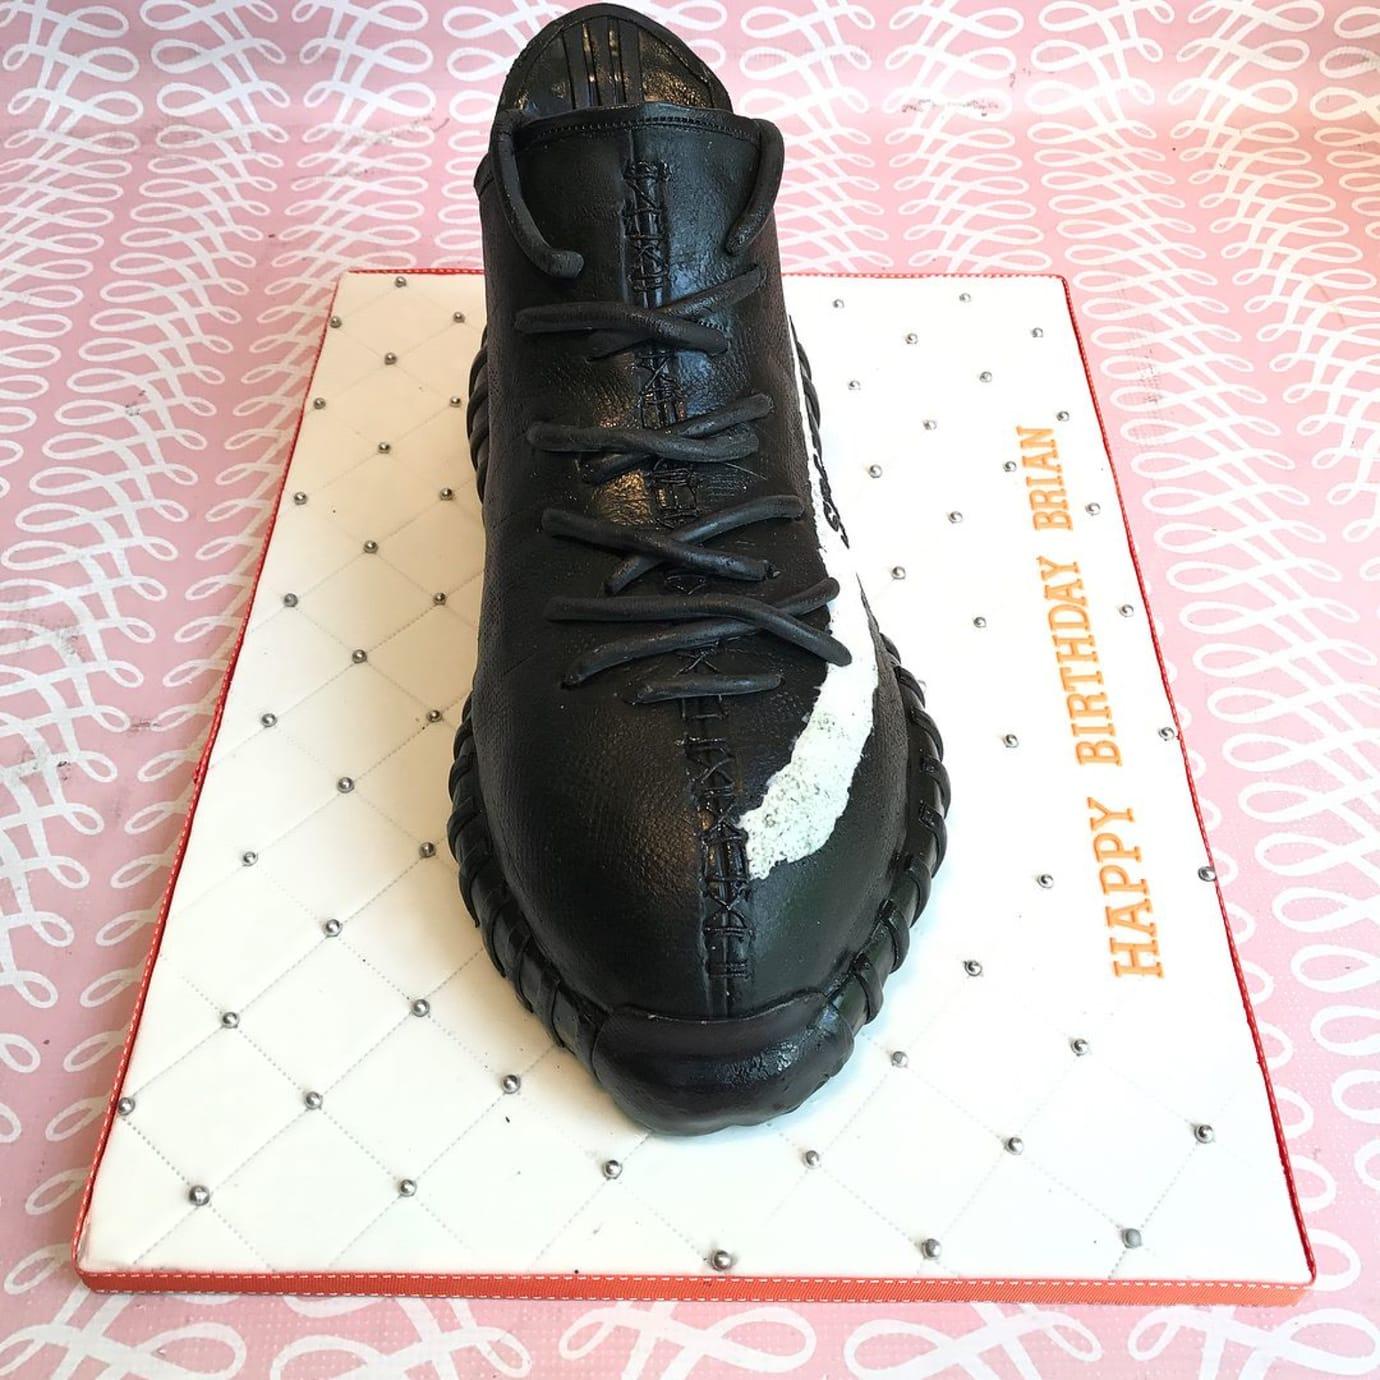 c7fe85af3b4 Adidas Yeezy Boost 350 V2 Birthday Cake (2)